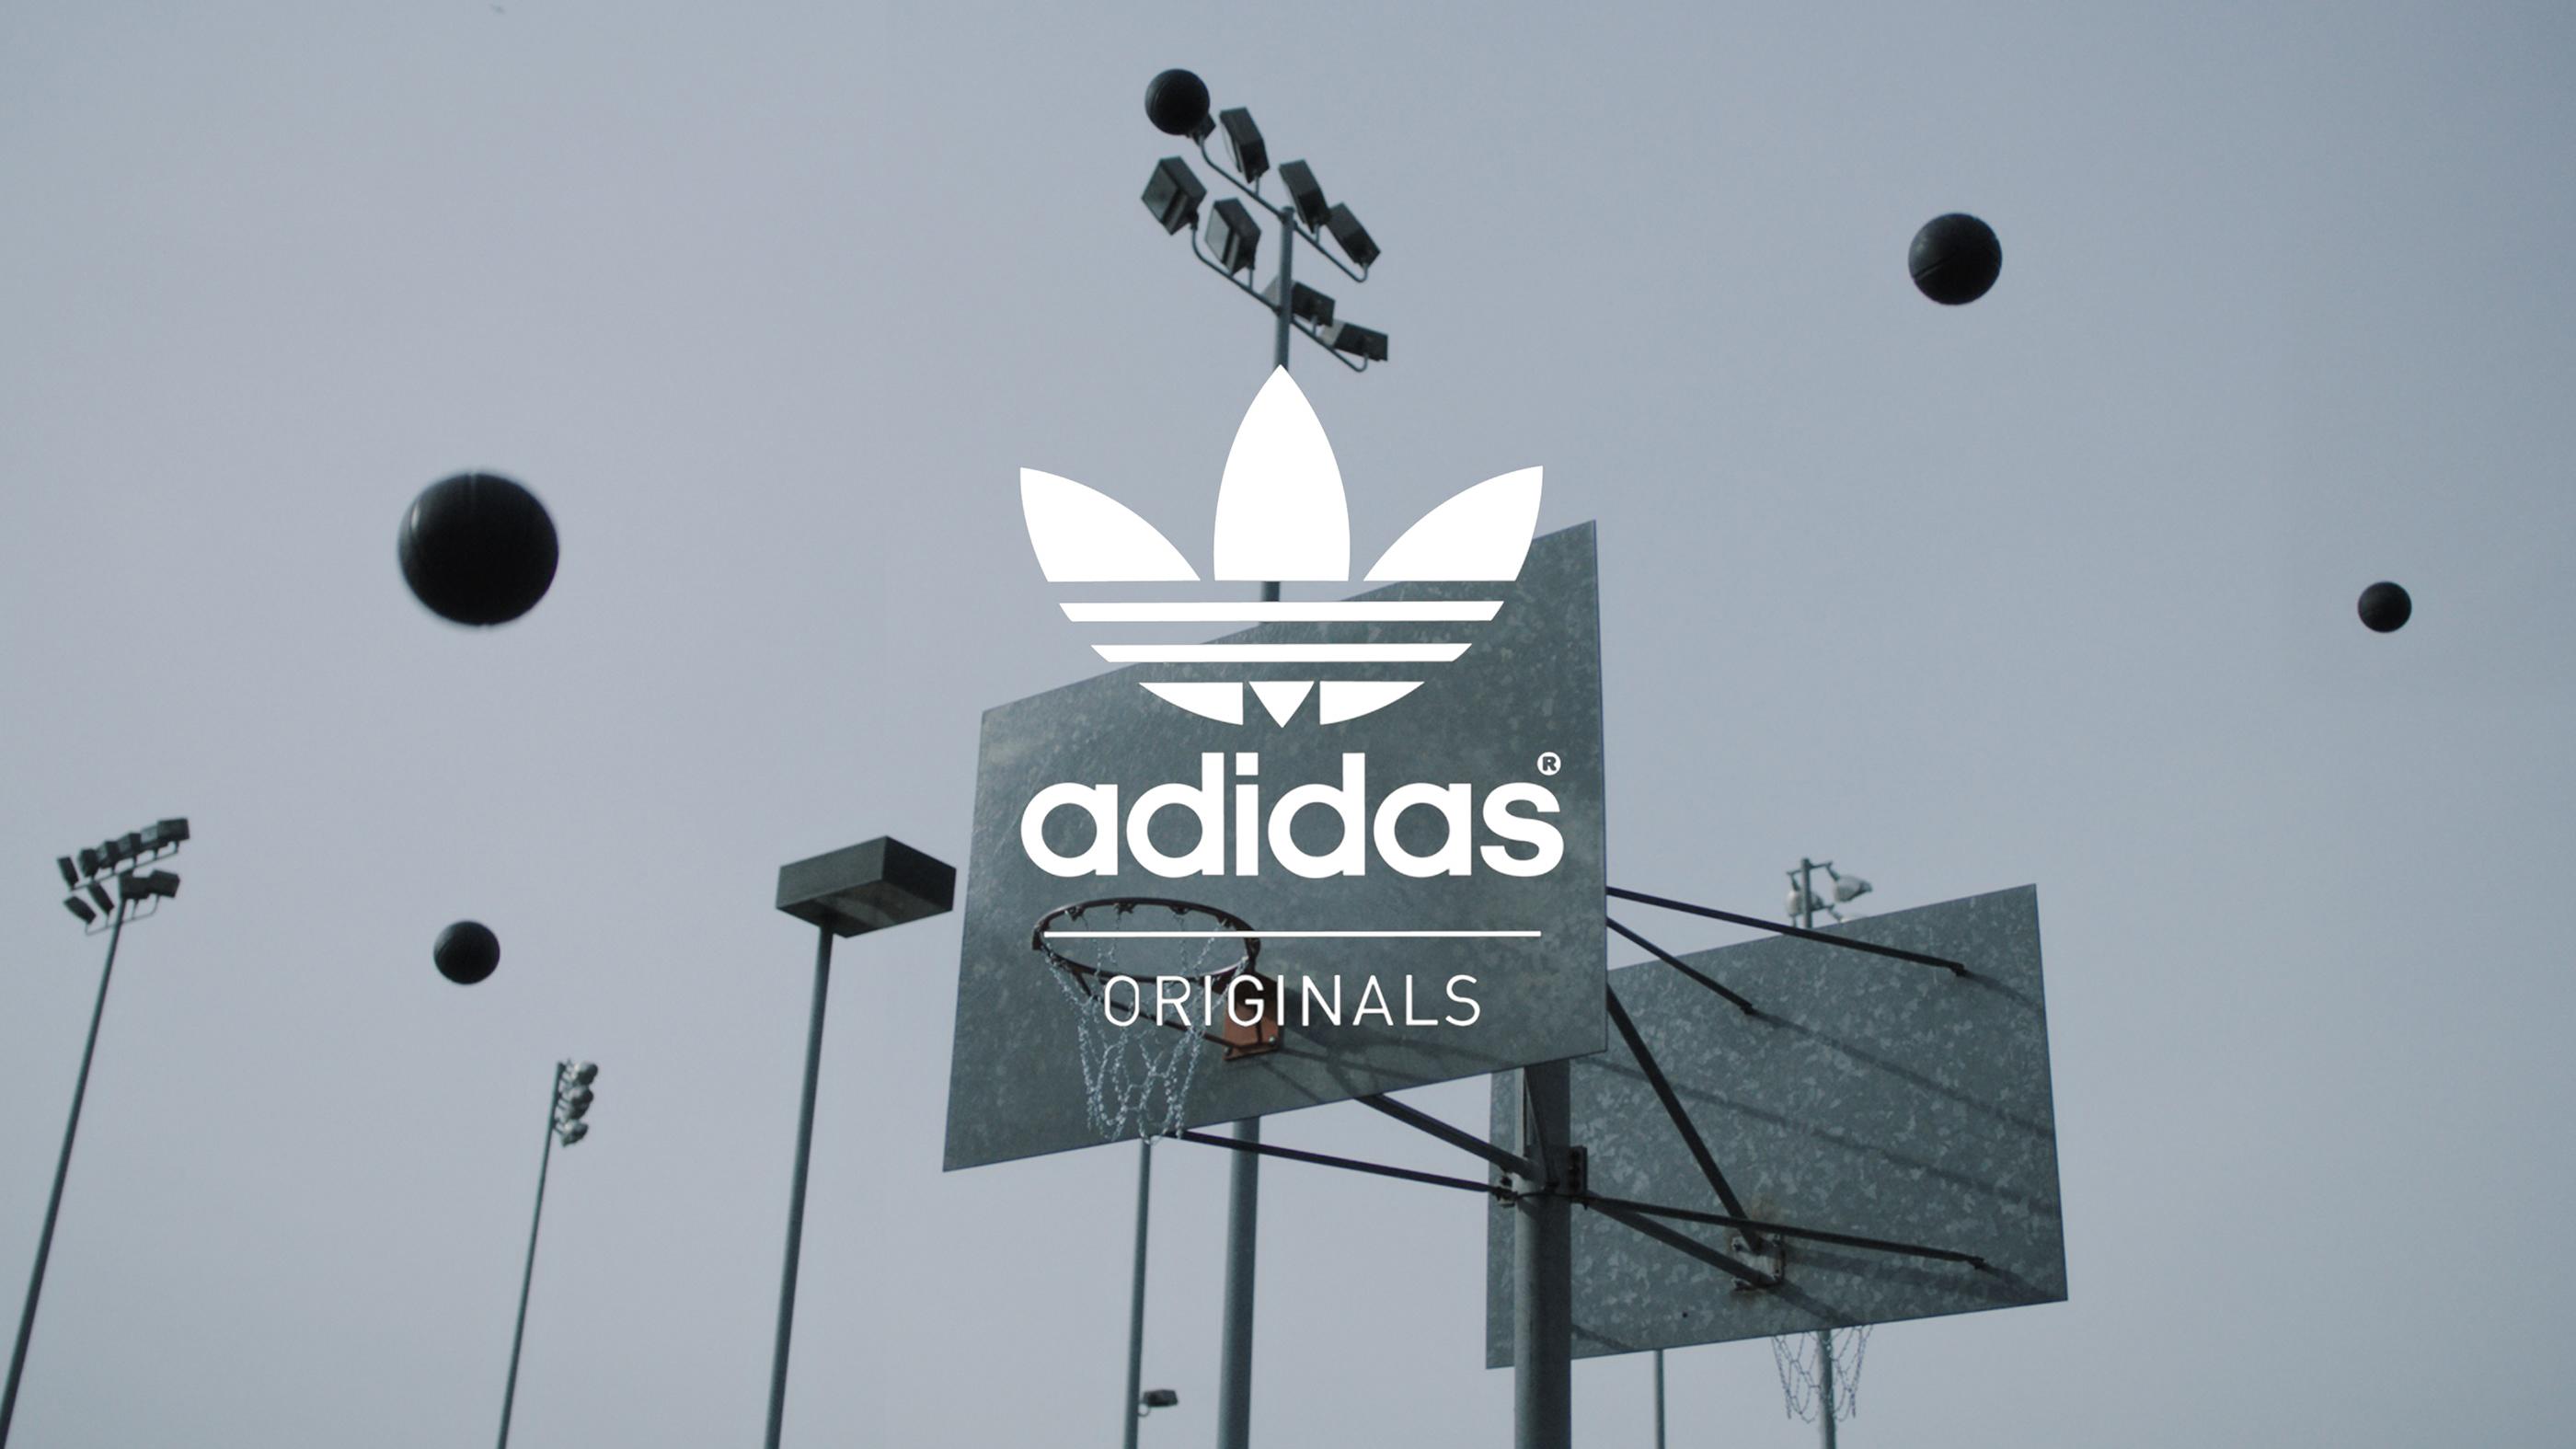 Directing the adidas Originals